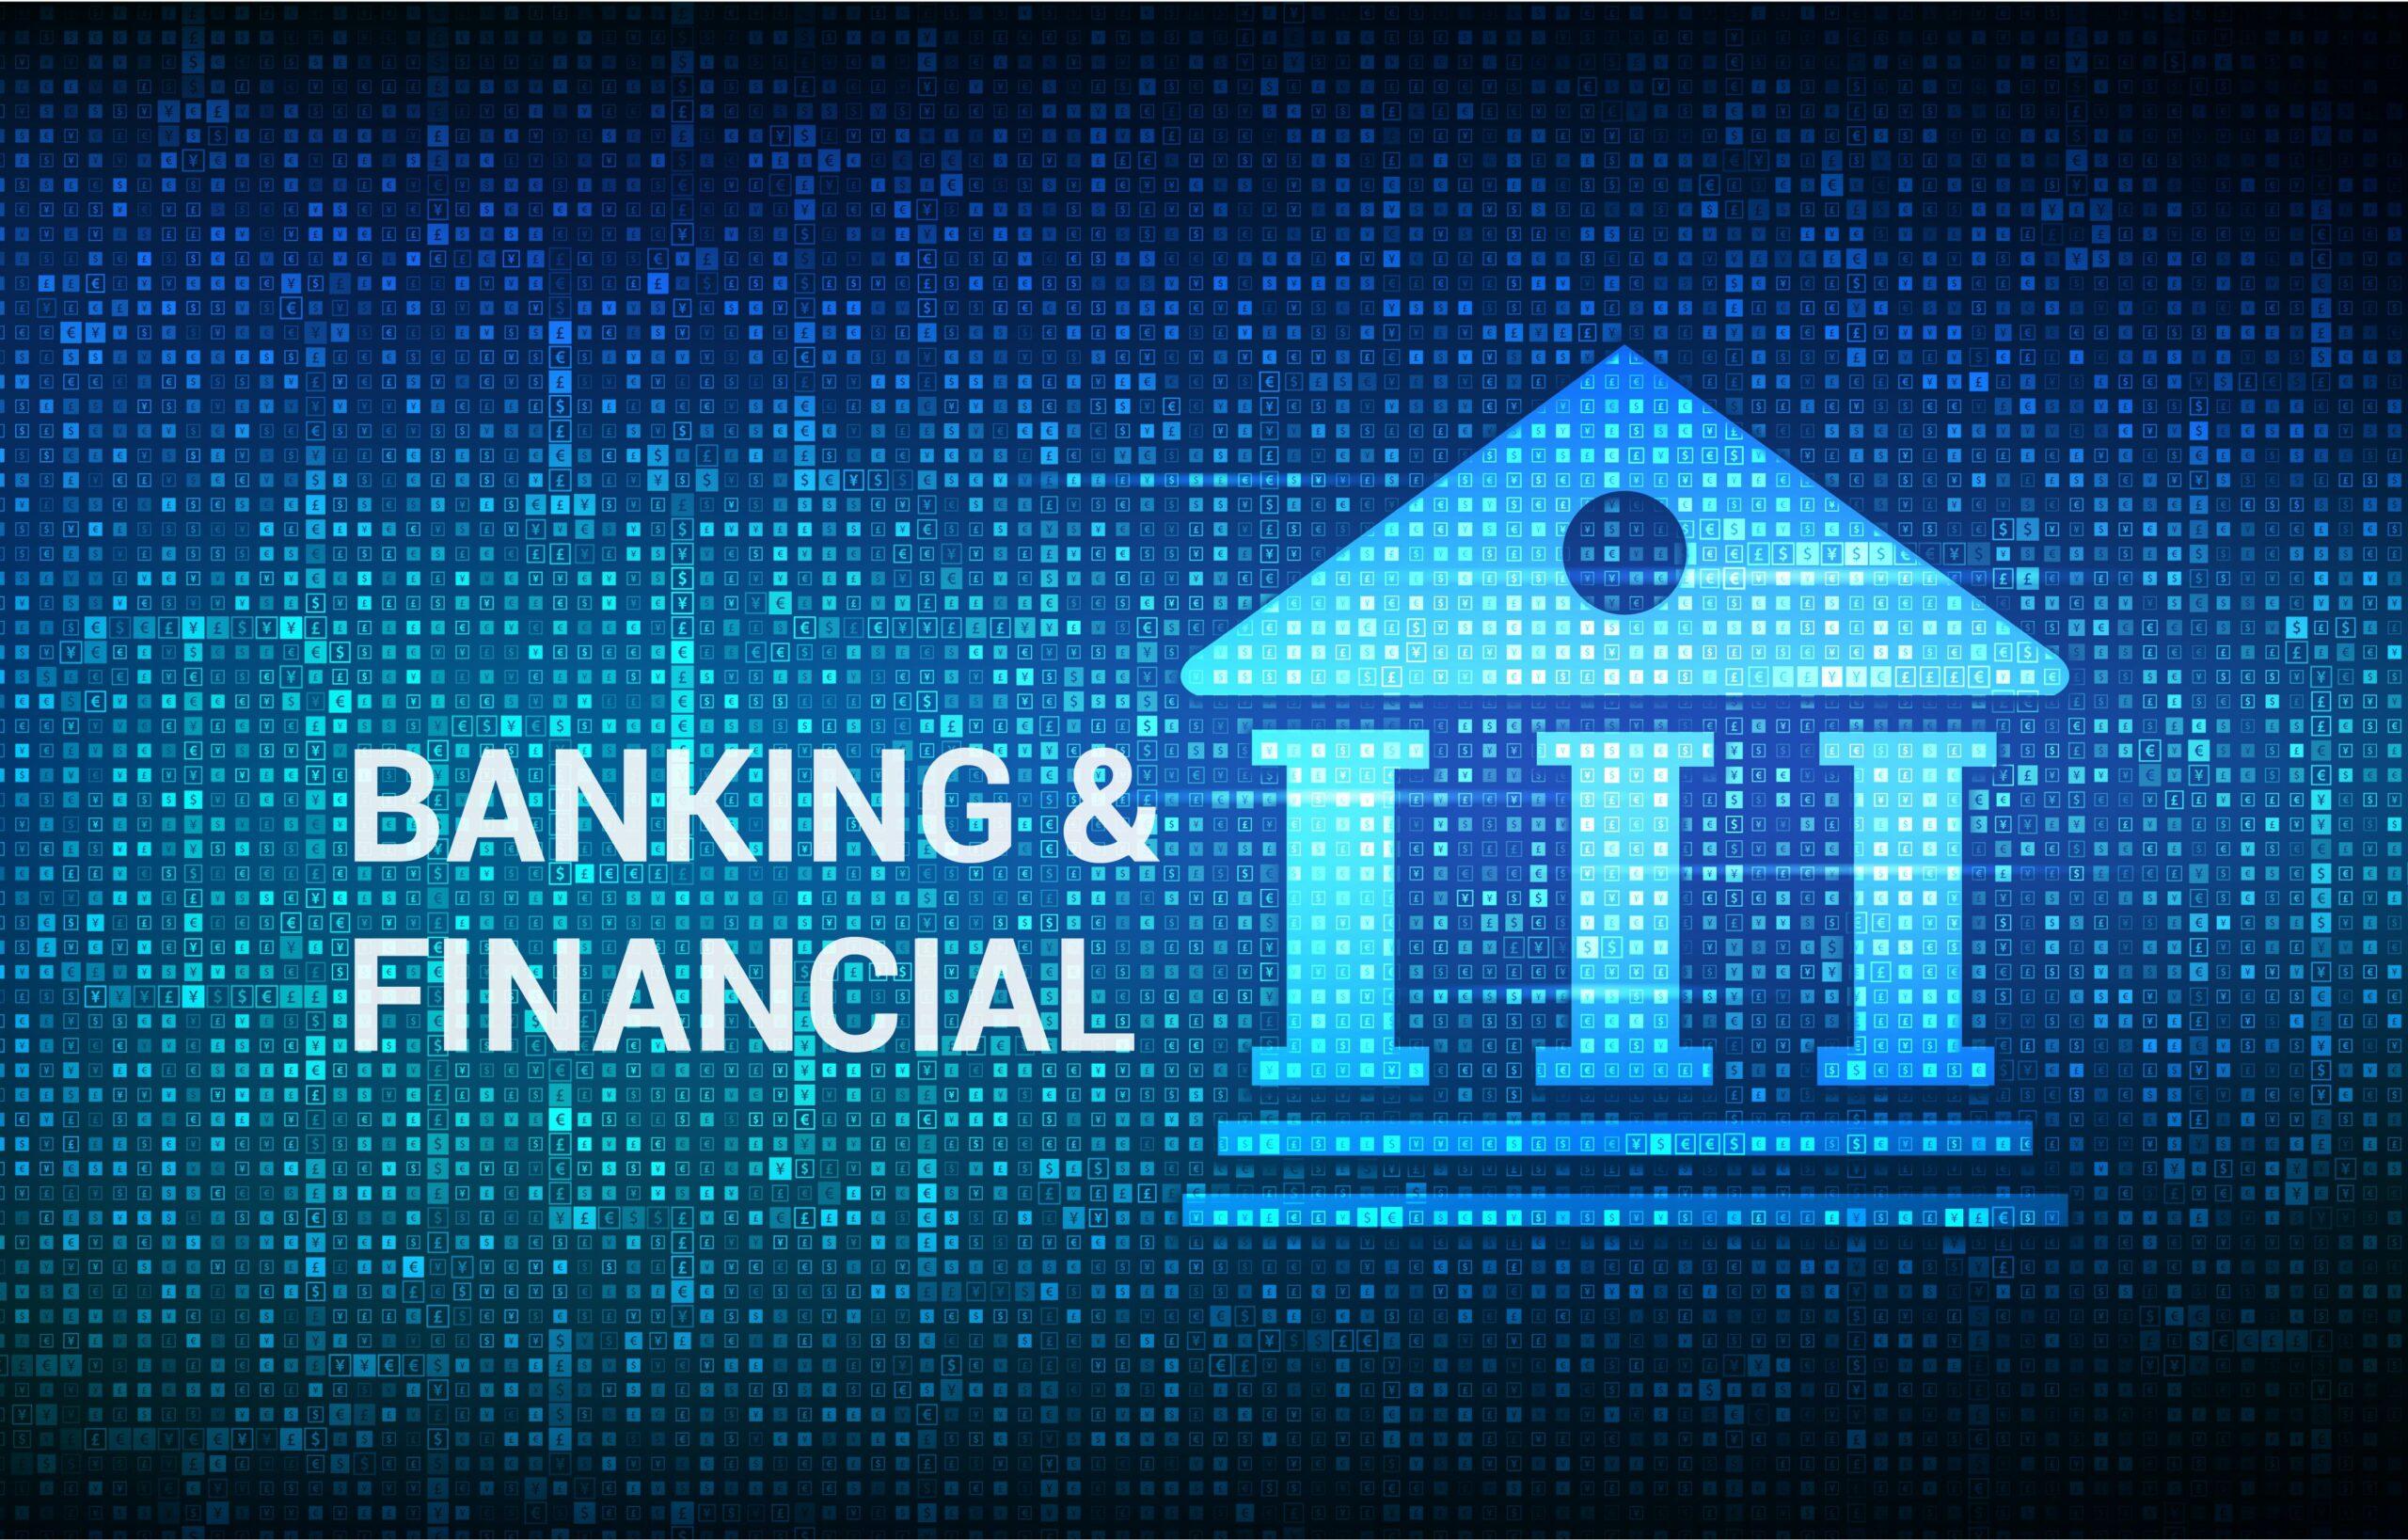 Banking-financial box 5-01